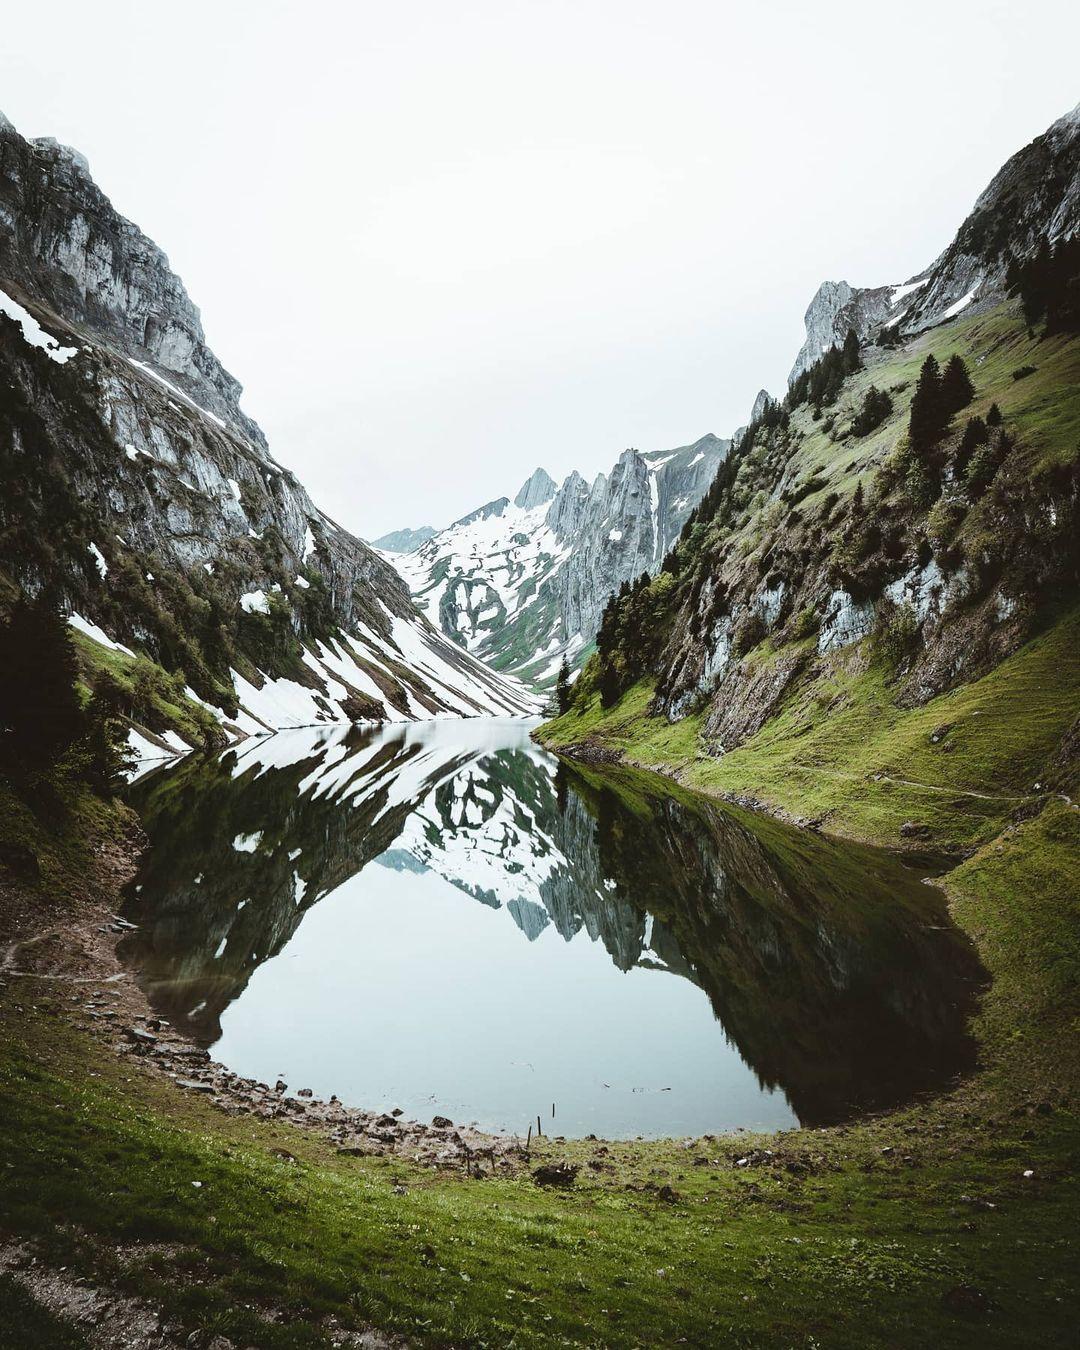 Природа и путешествия на снимках Яна Гаврона